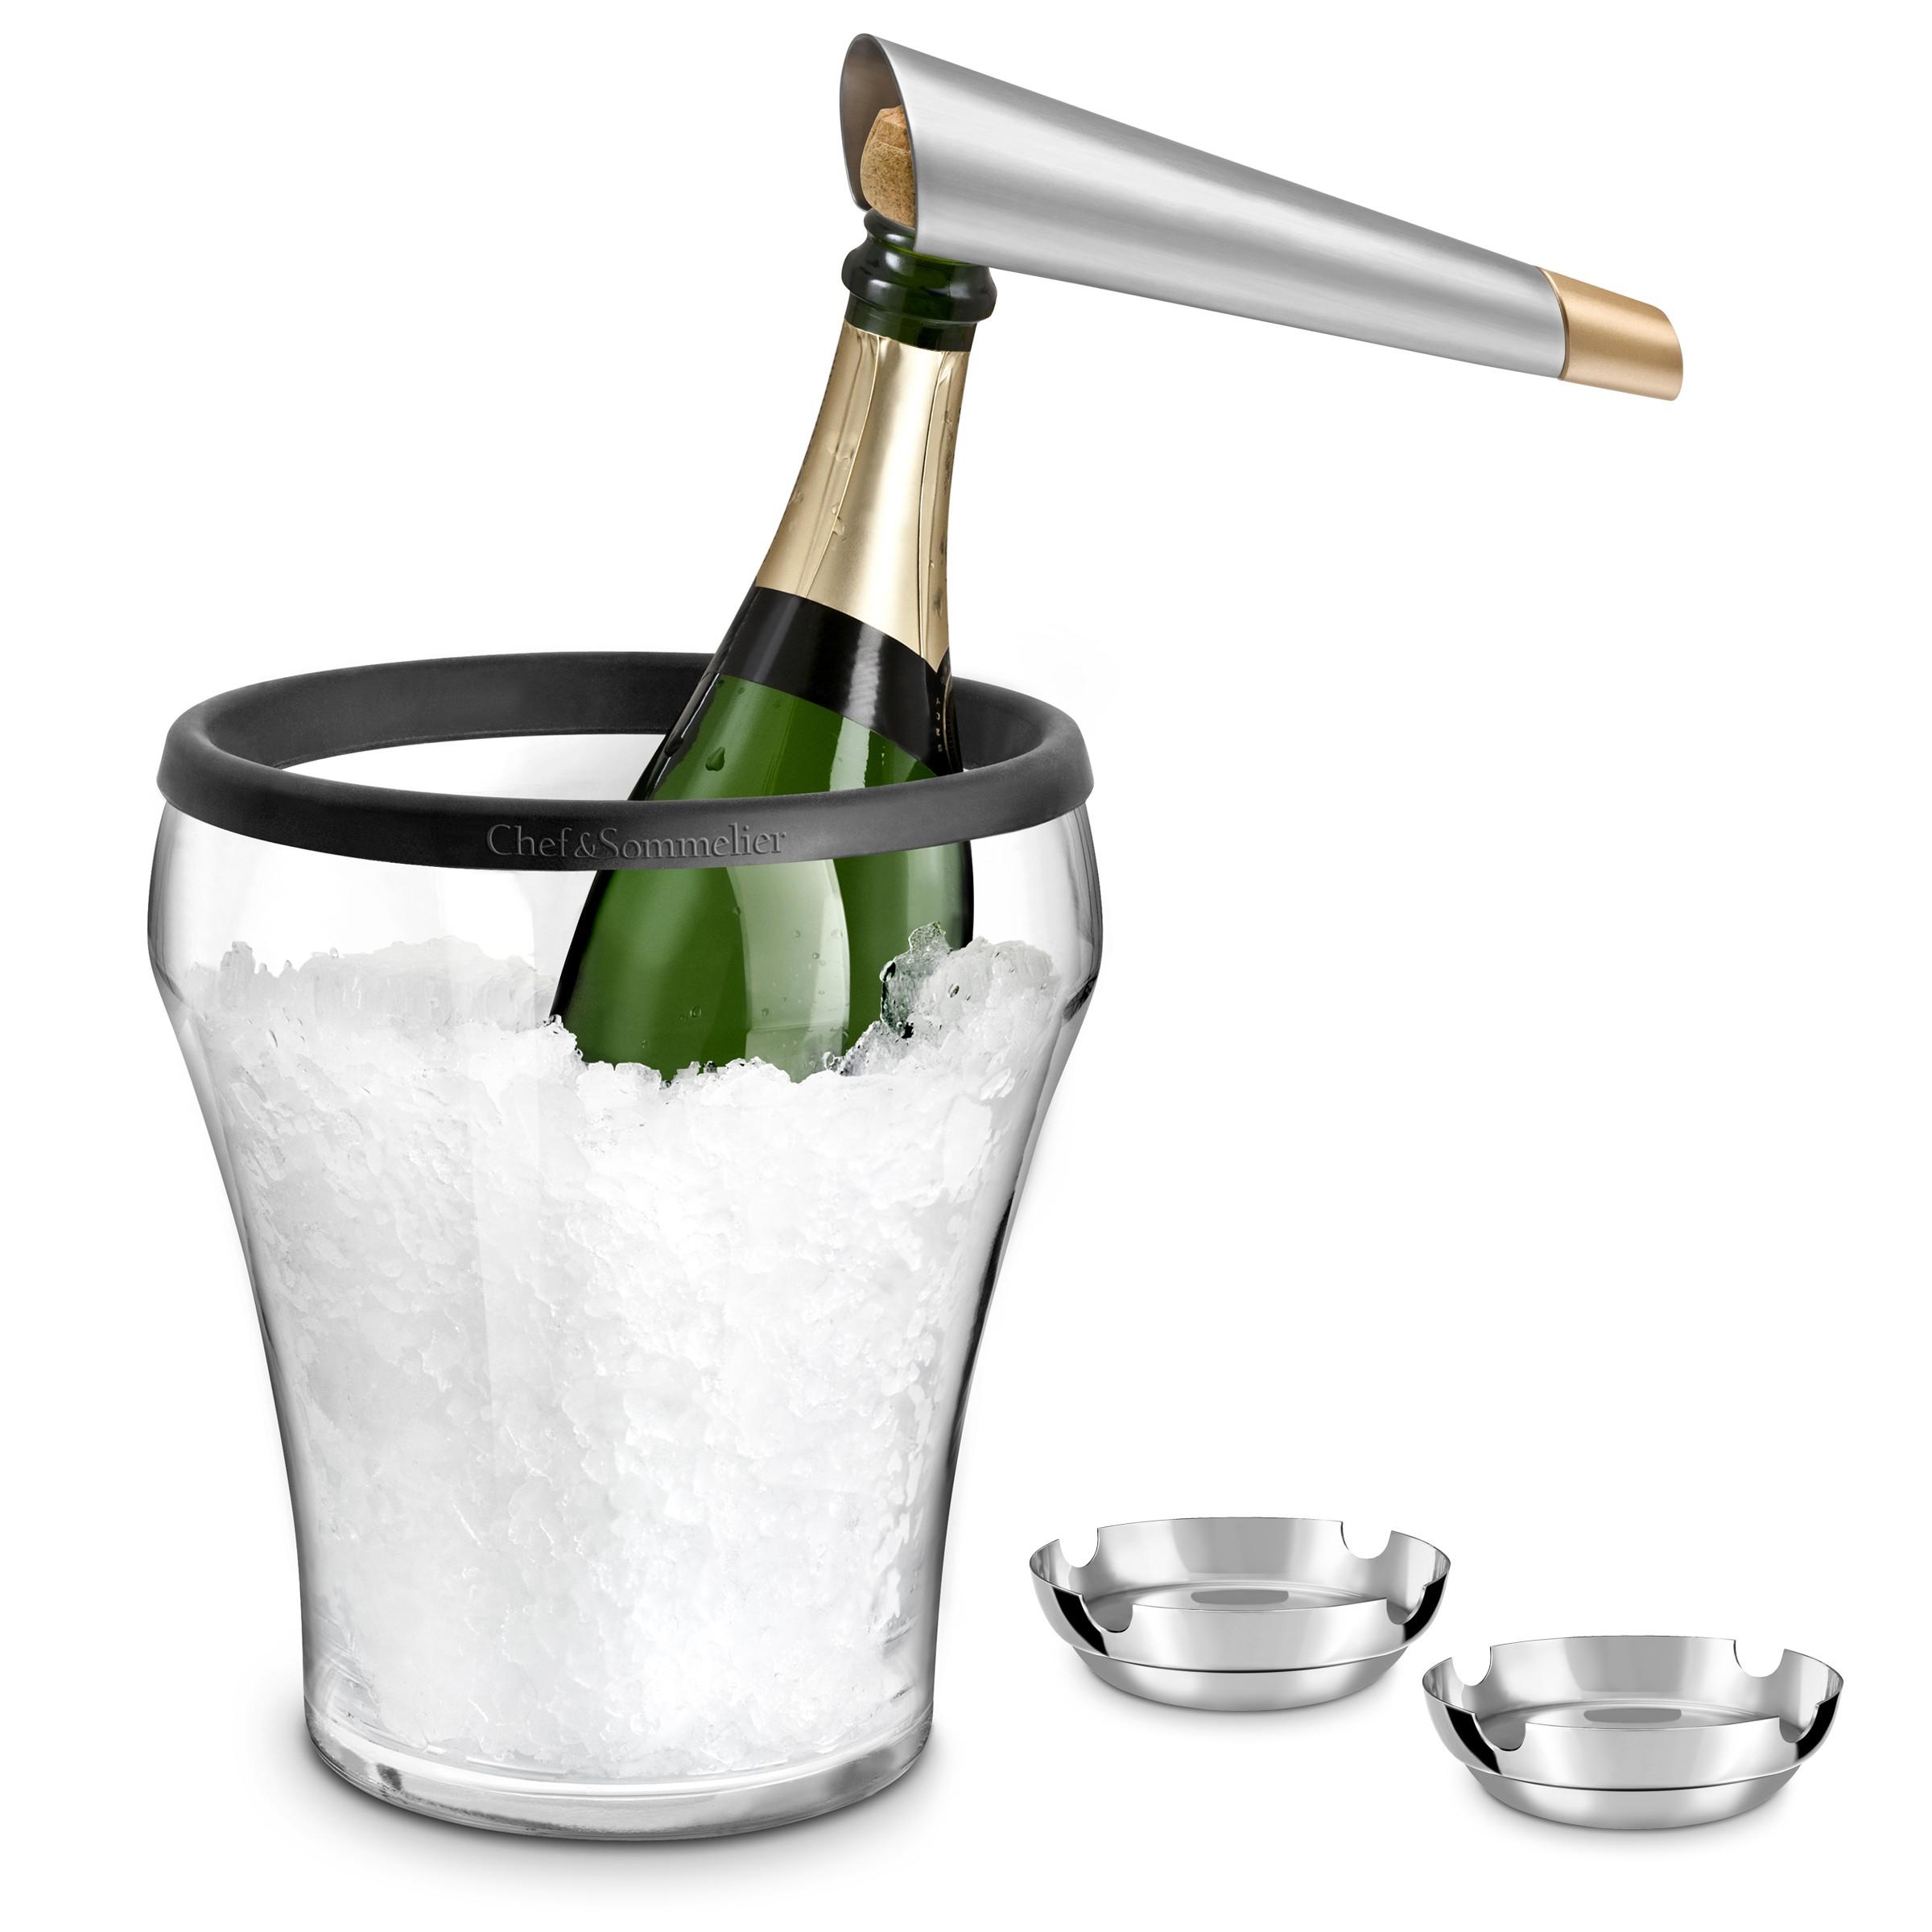 Seau à champagne, coupelles inox et tire-bouchon champagne